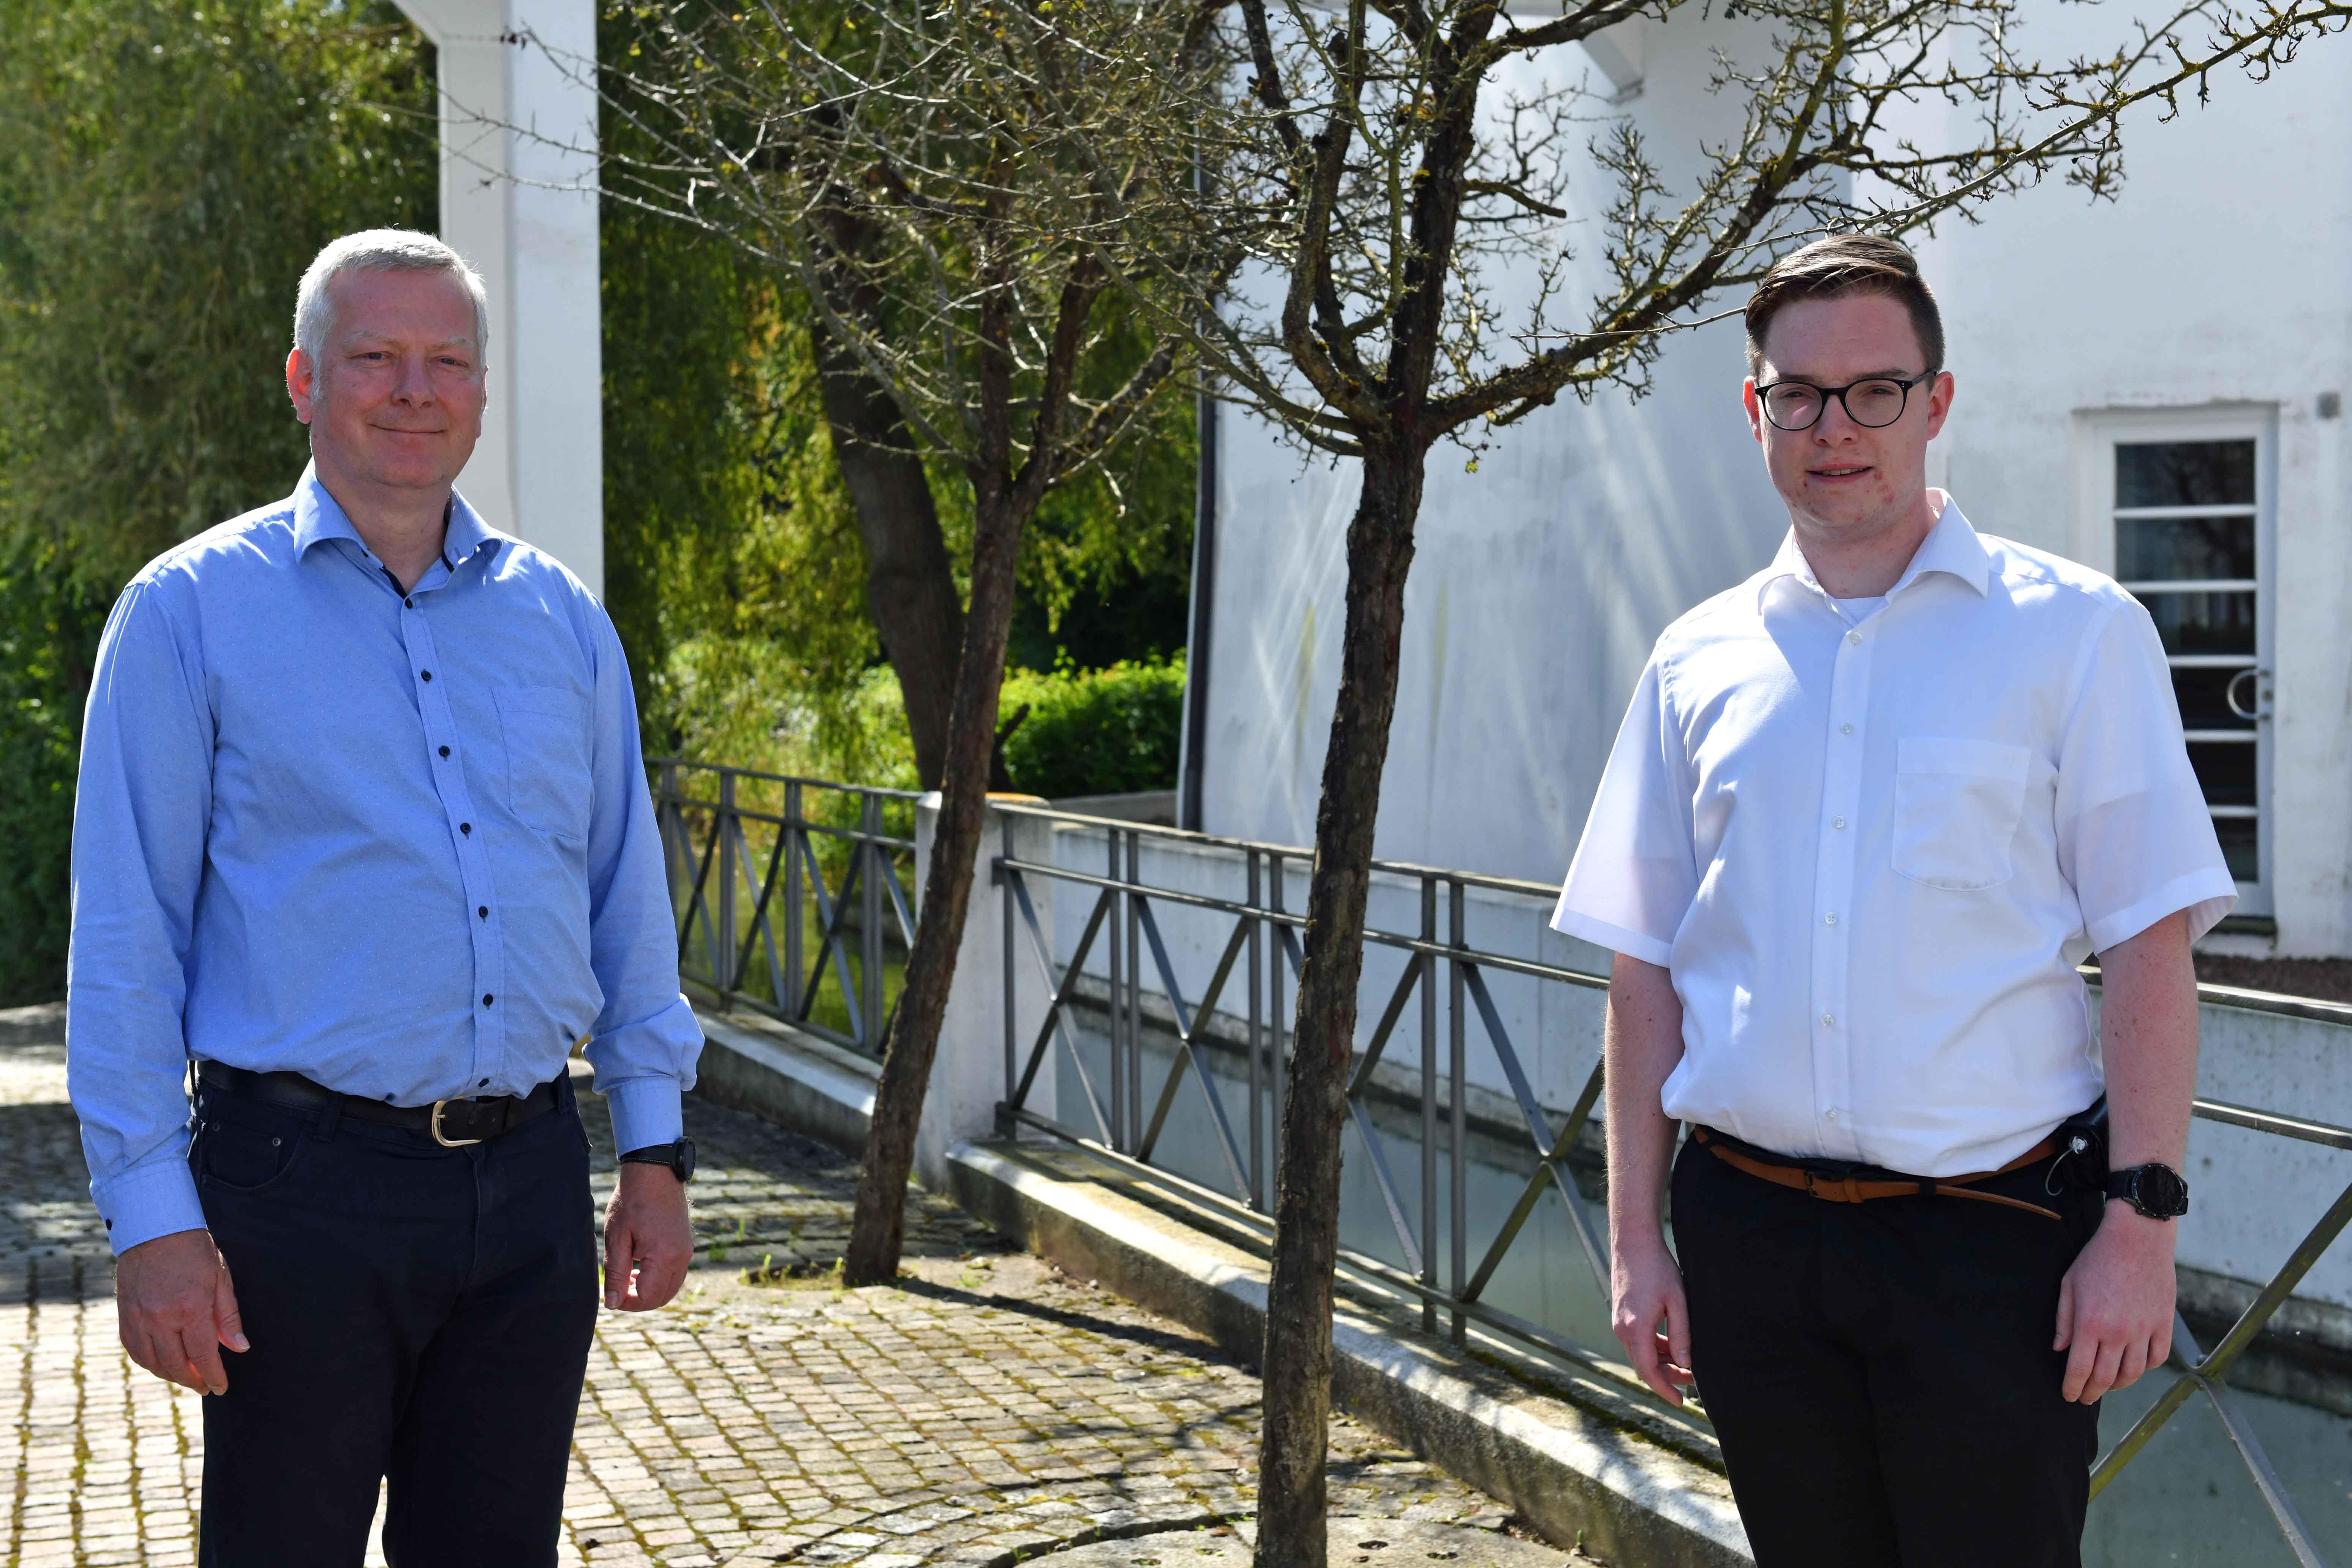 Die beiden Pastoralpraktikanten Herbert Kramert und Philipp Fröhling auf dem Weg zu Diakonen- und Priesterweihe.